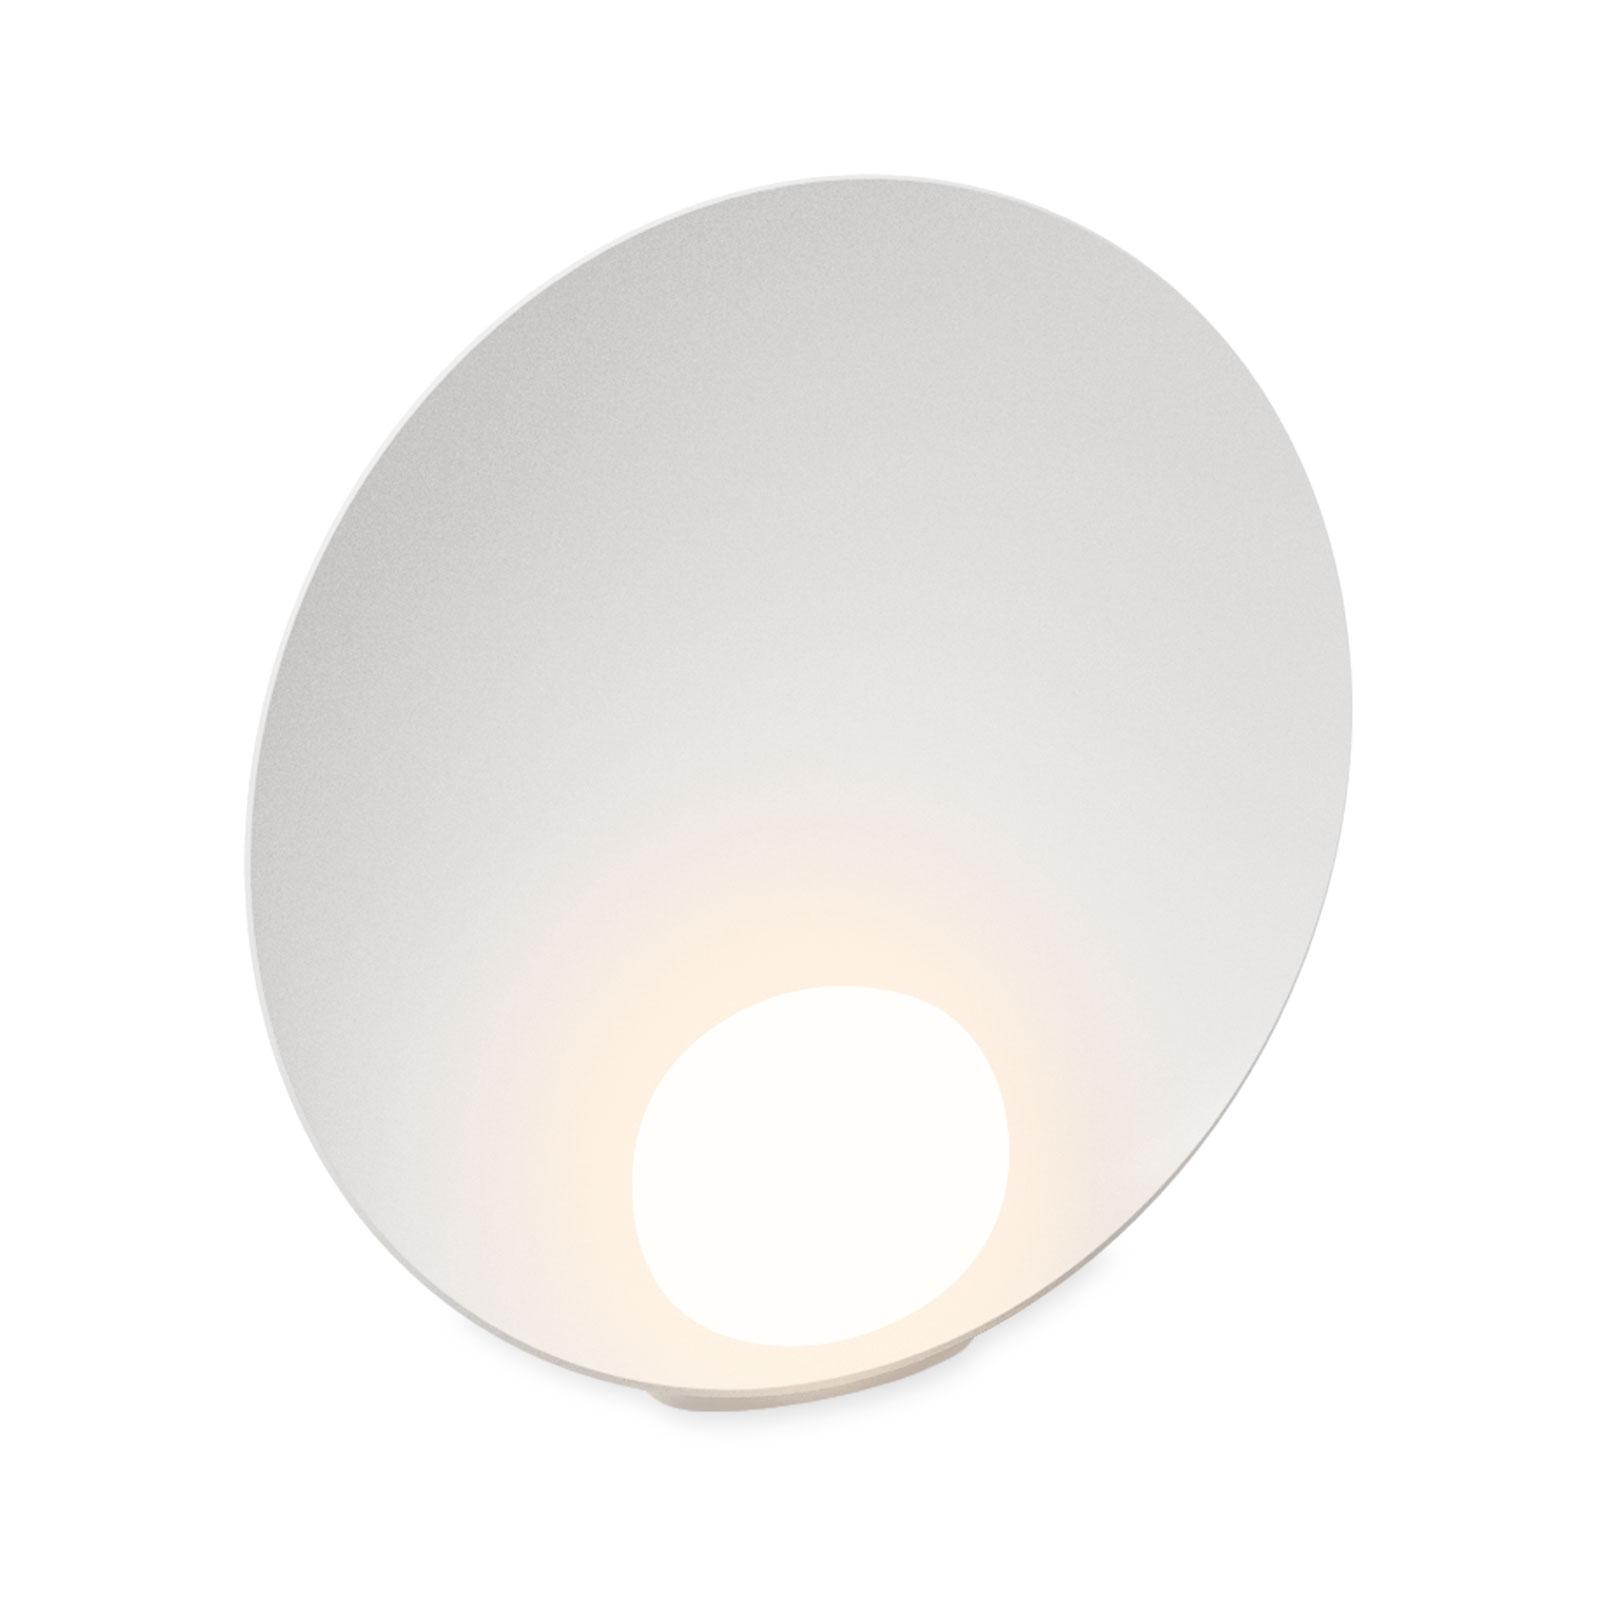 Vibia Musa 7400 LED-Tischleuchte stehend, weiß